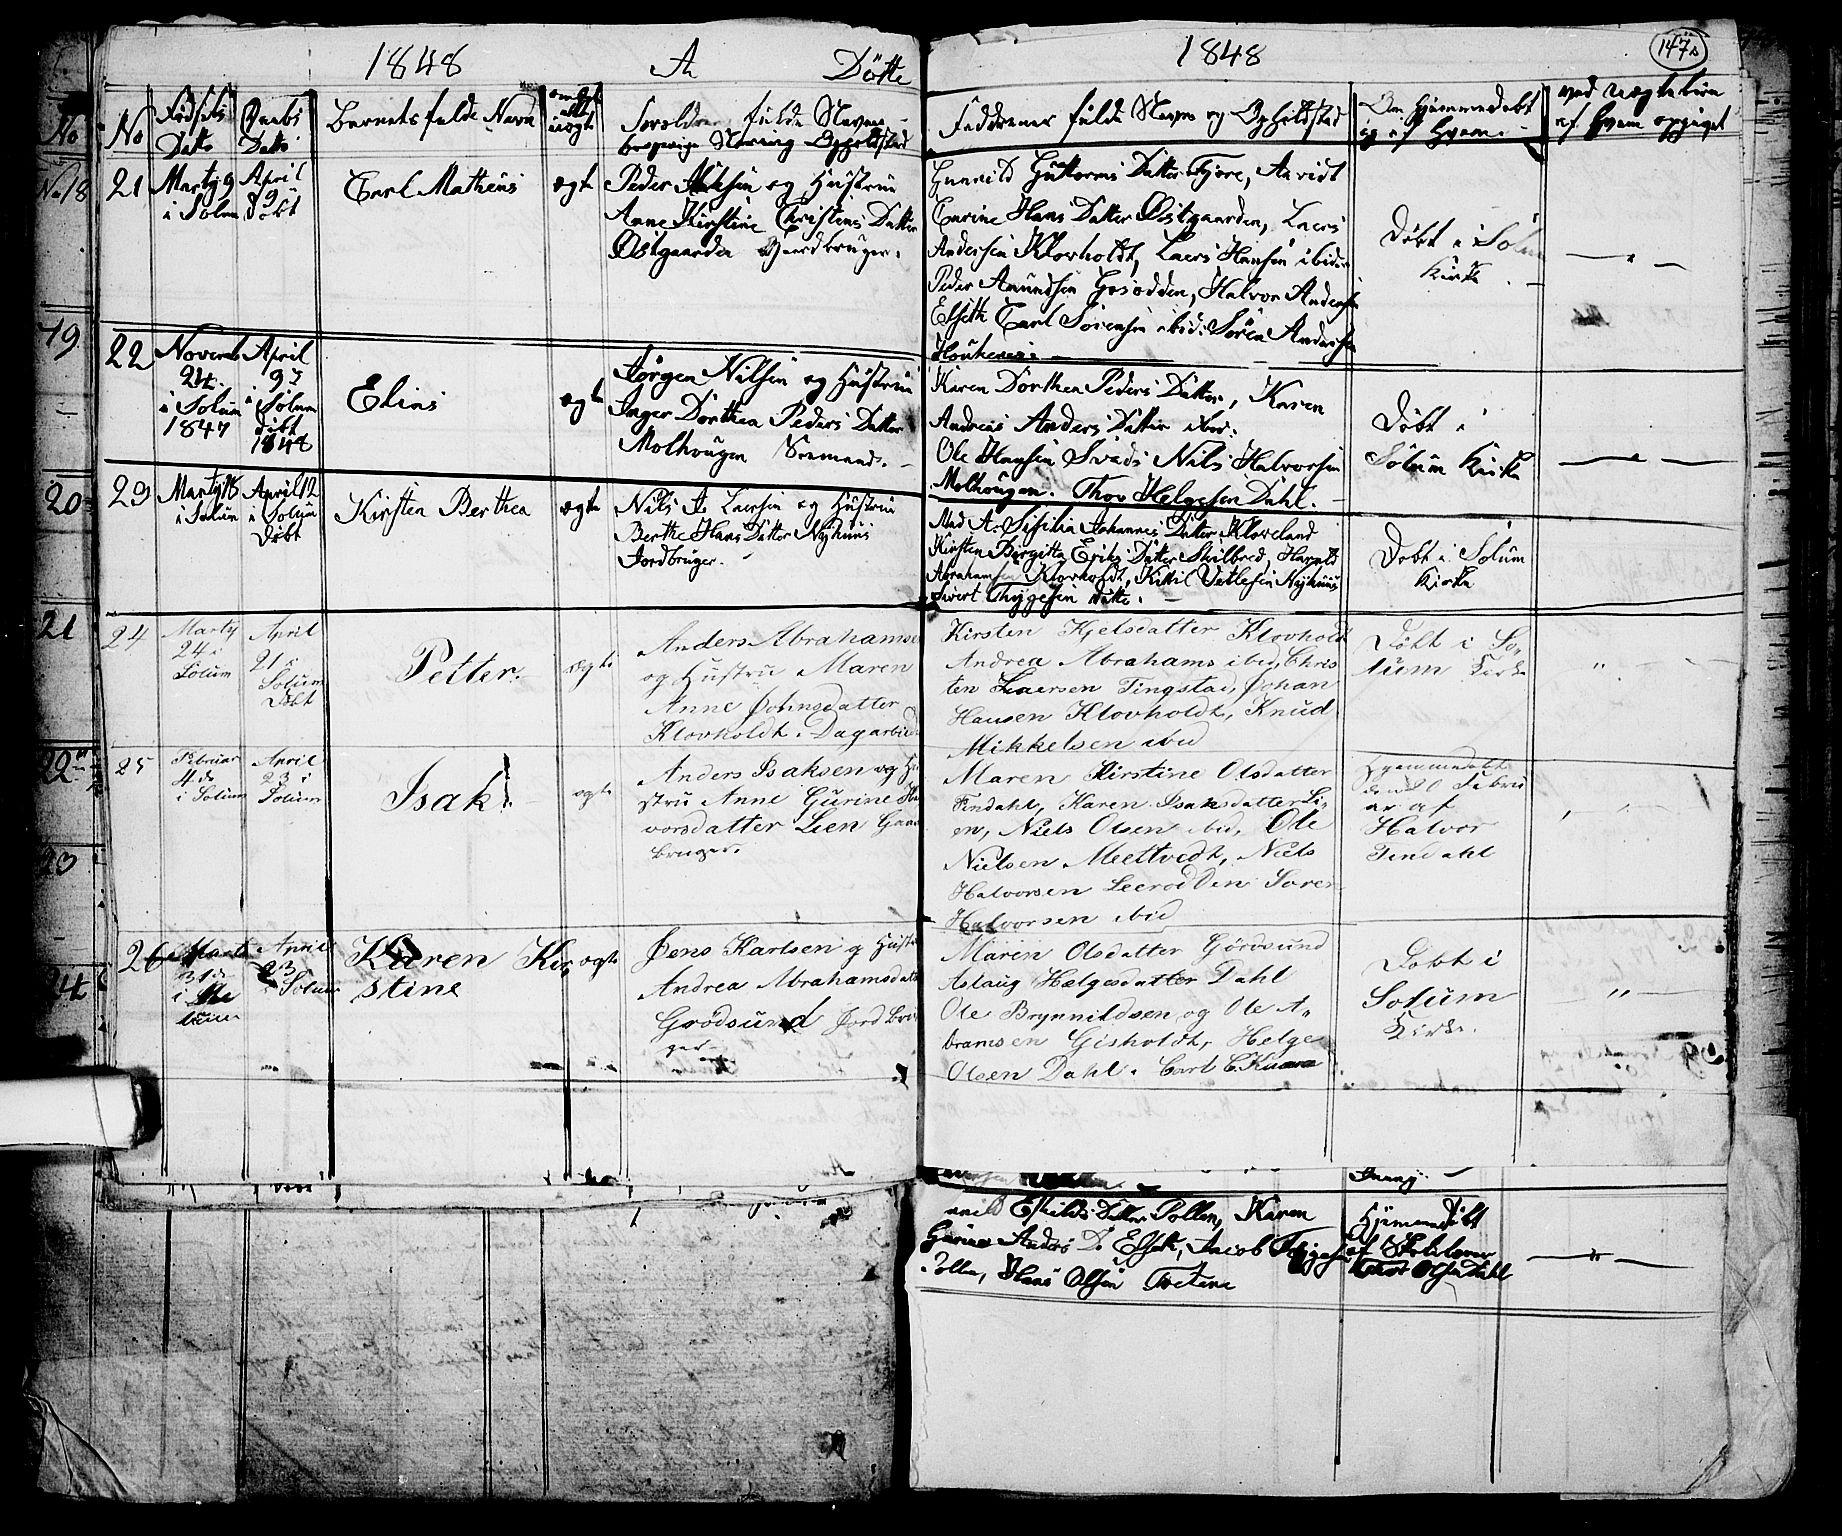 SAKO, Solum kirkebøker, G/Ga/L0002: Klokkerbok nr. I 2, 1834-1848, s. 147